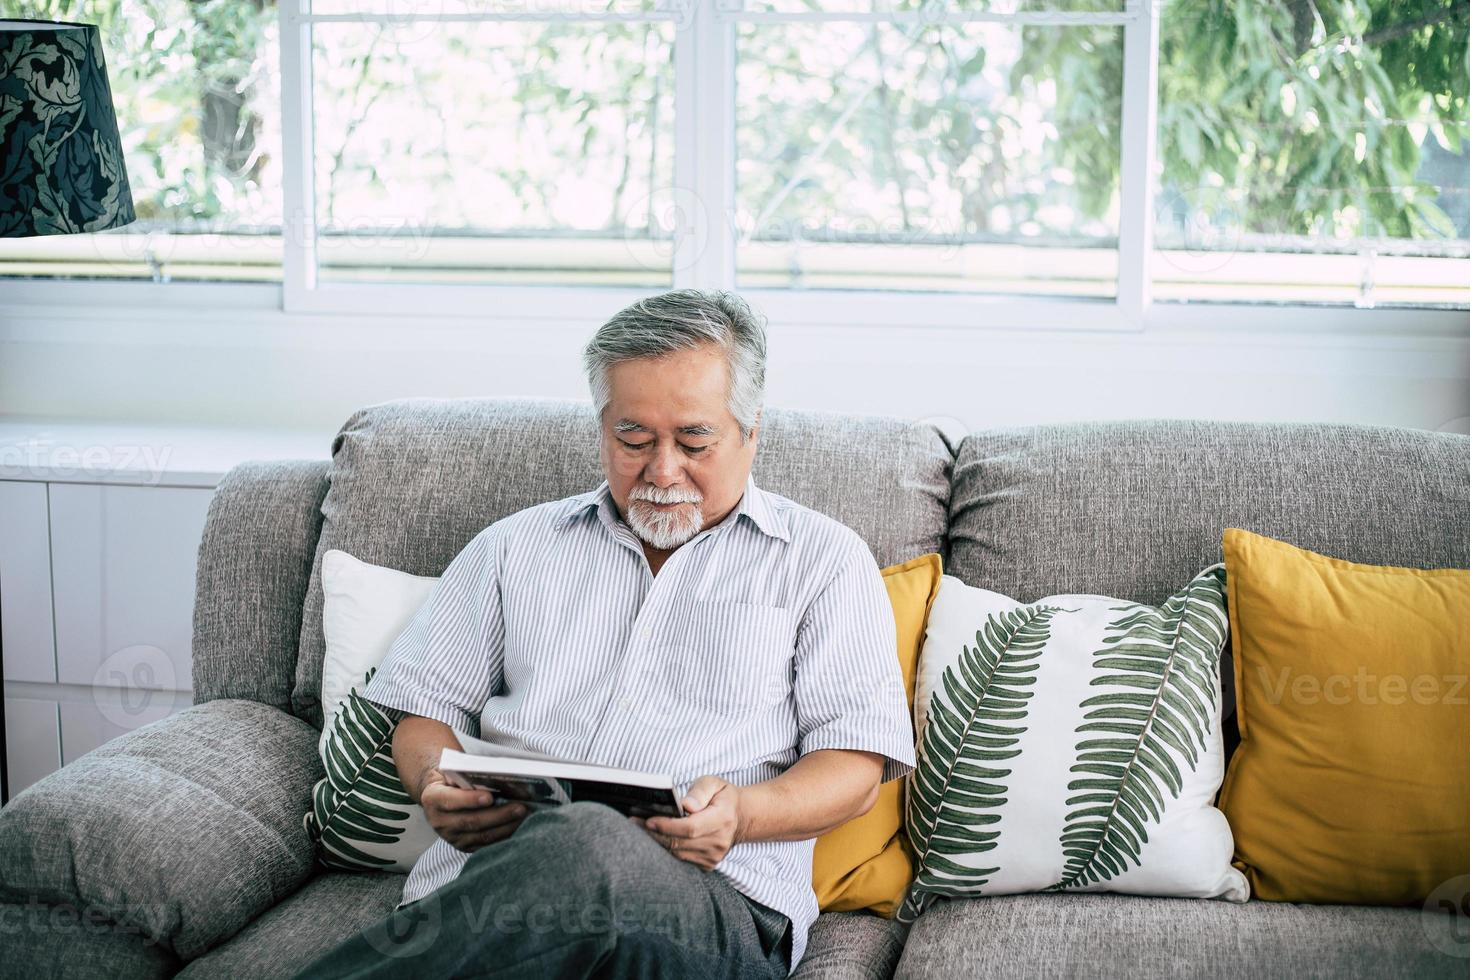 vecchio che legge in soggiorno foto